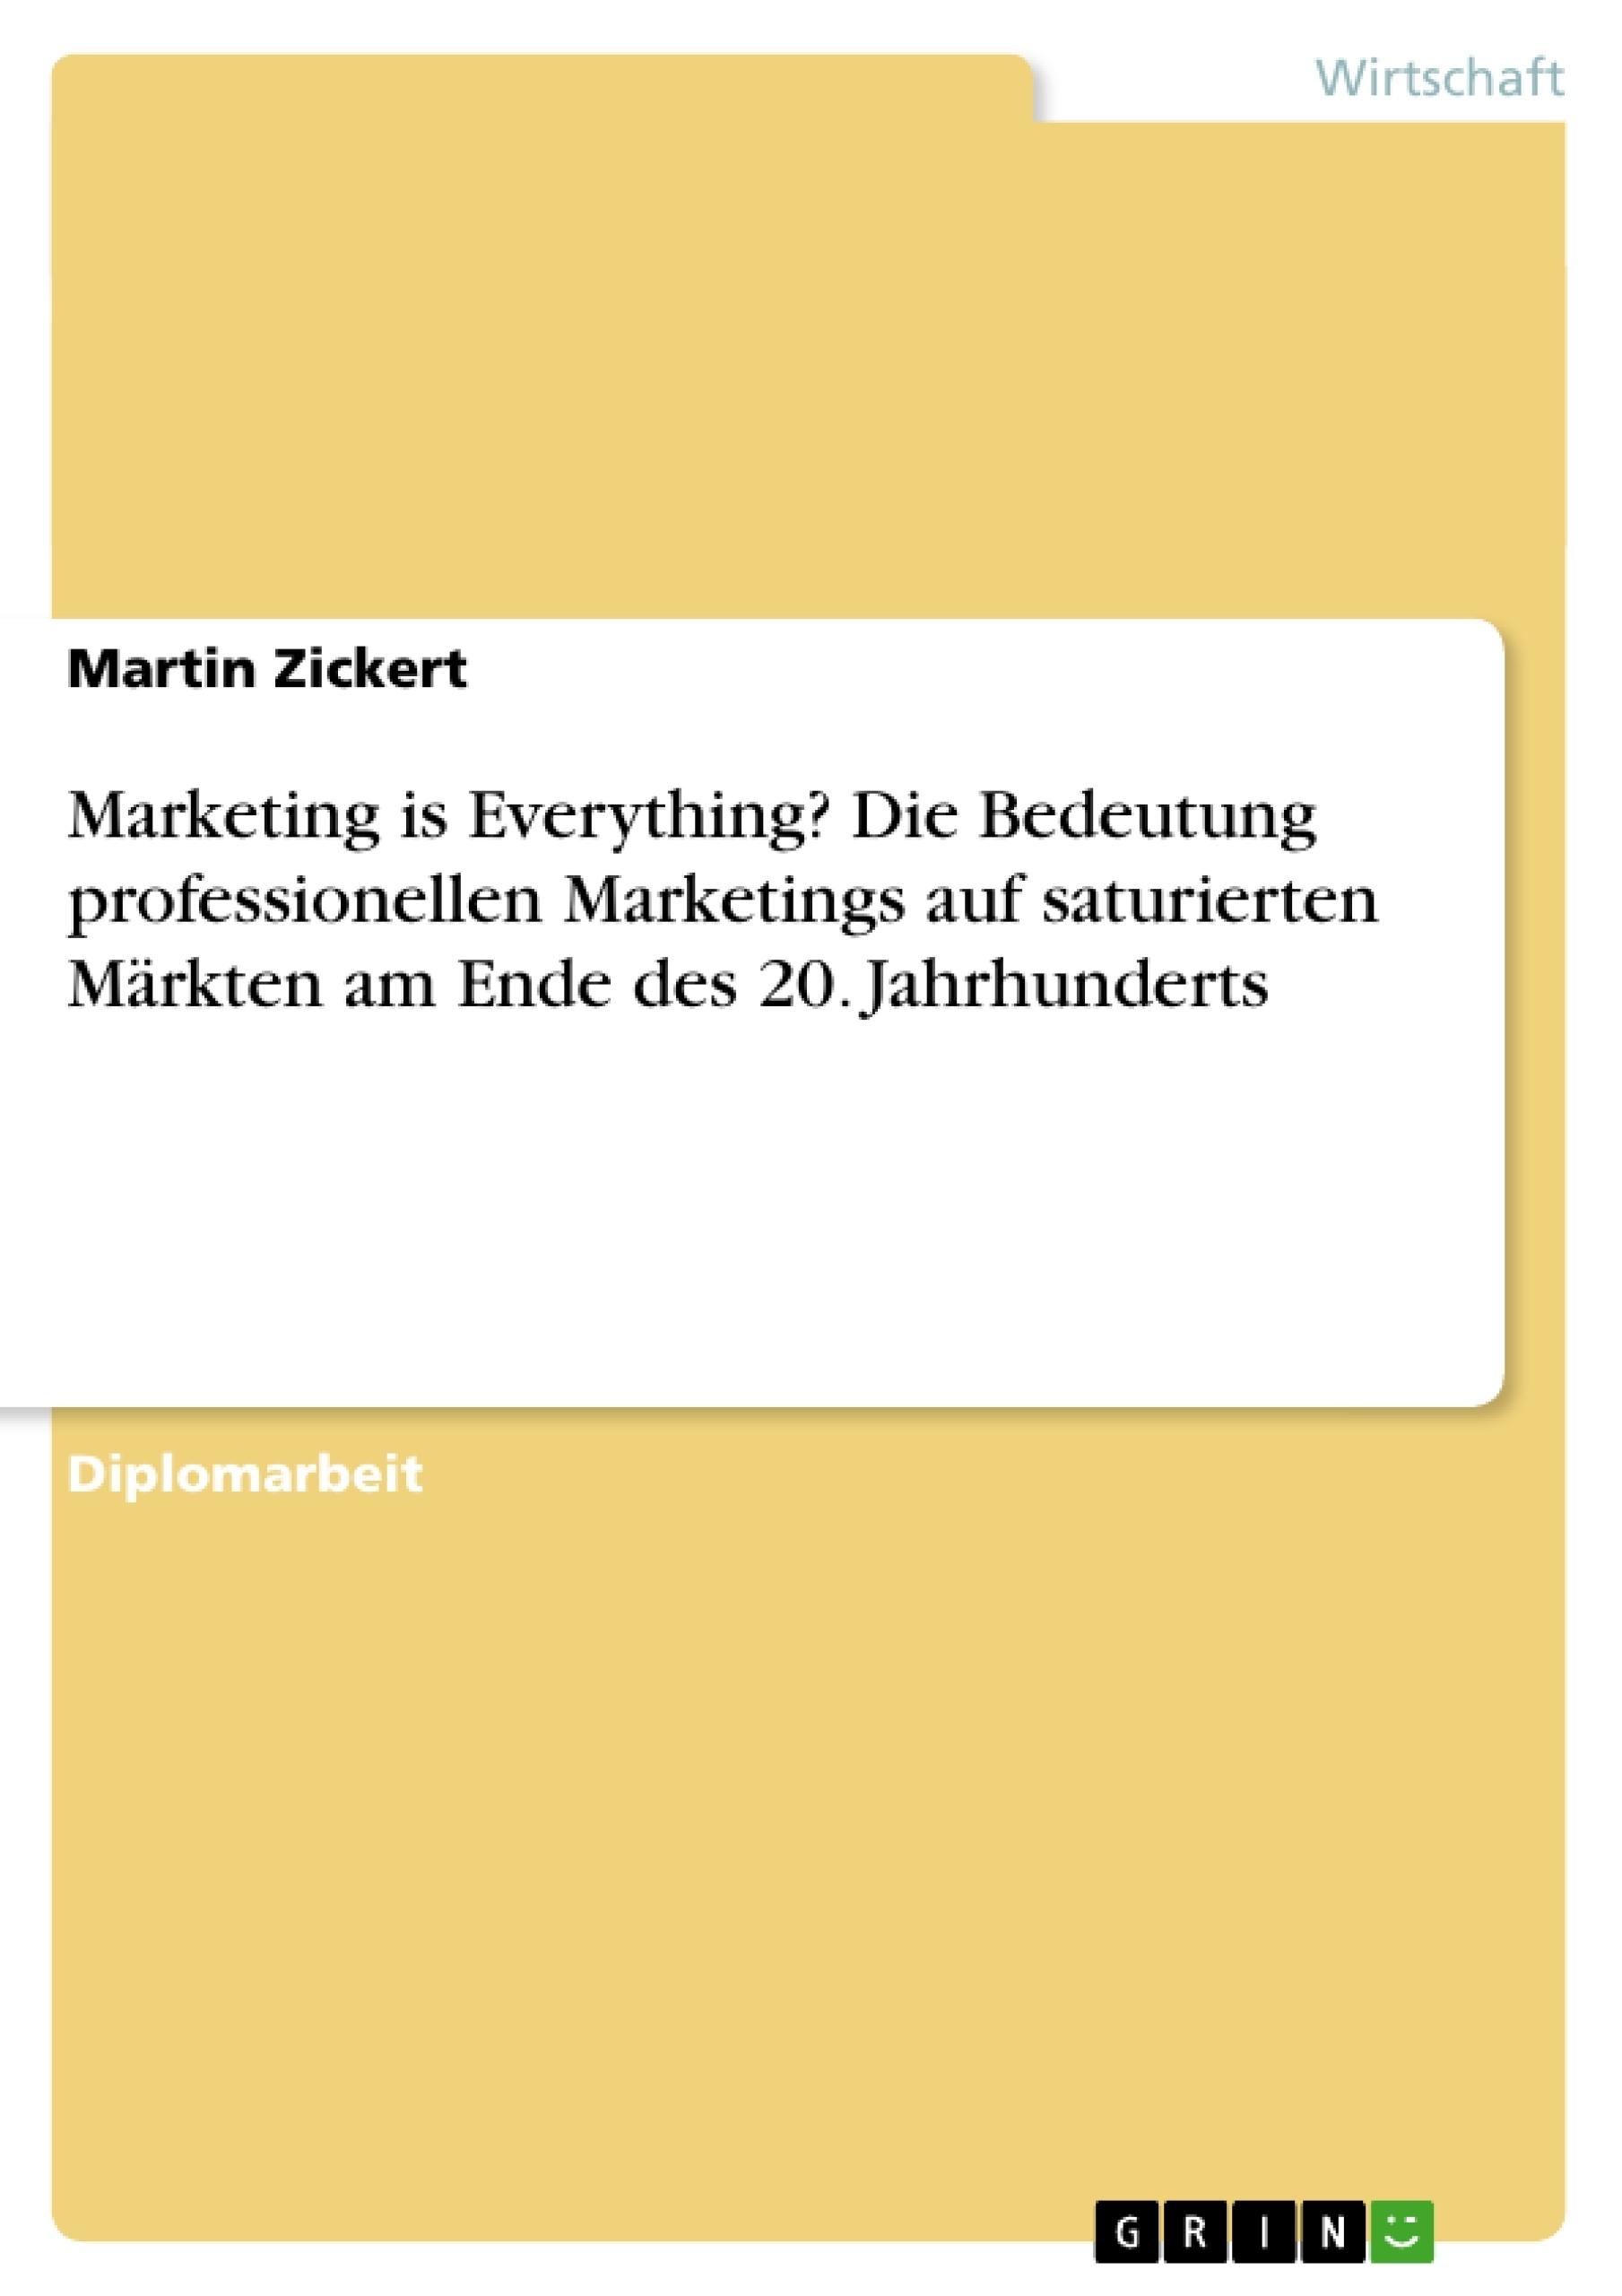 Titel: Marketing is Everything? Die Bedeutung professionellen Marketings auf saturierten Märkten am Ende des 20. Jahrhunderts